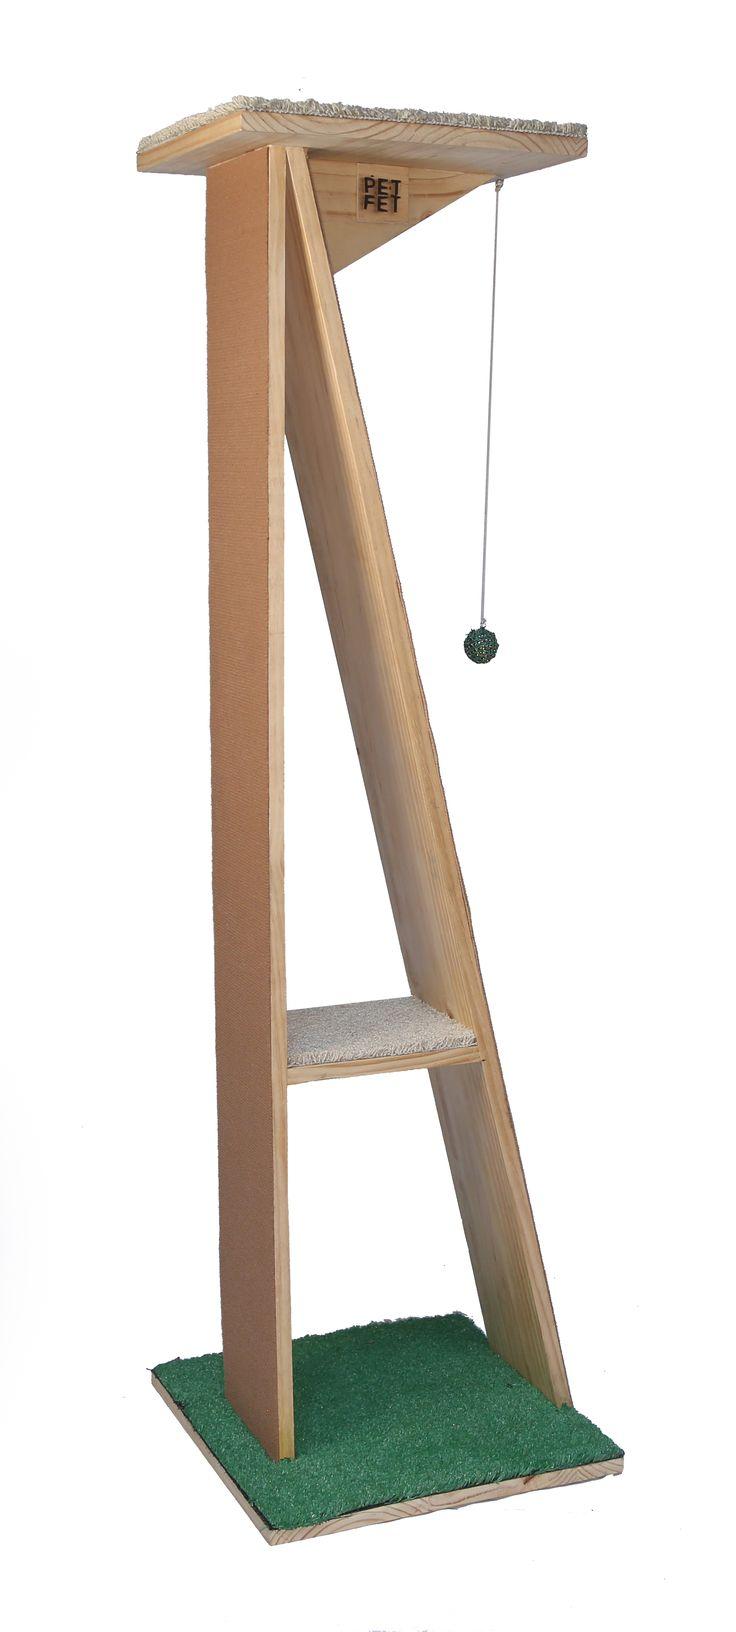 Gimnasio para gatos Este gimnasio hará que tu MIAU tenga su pedestal en el hogar, donde podrá ejercitar, jugar y descansar. Tamaño: Base 50x50 altura 1,50  Petfet